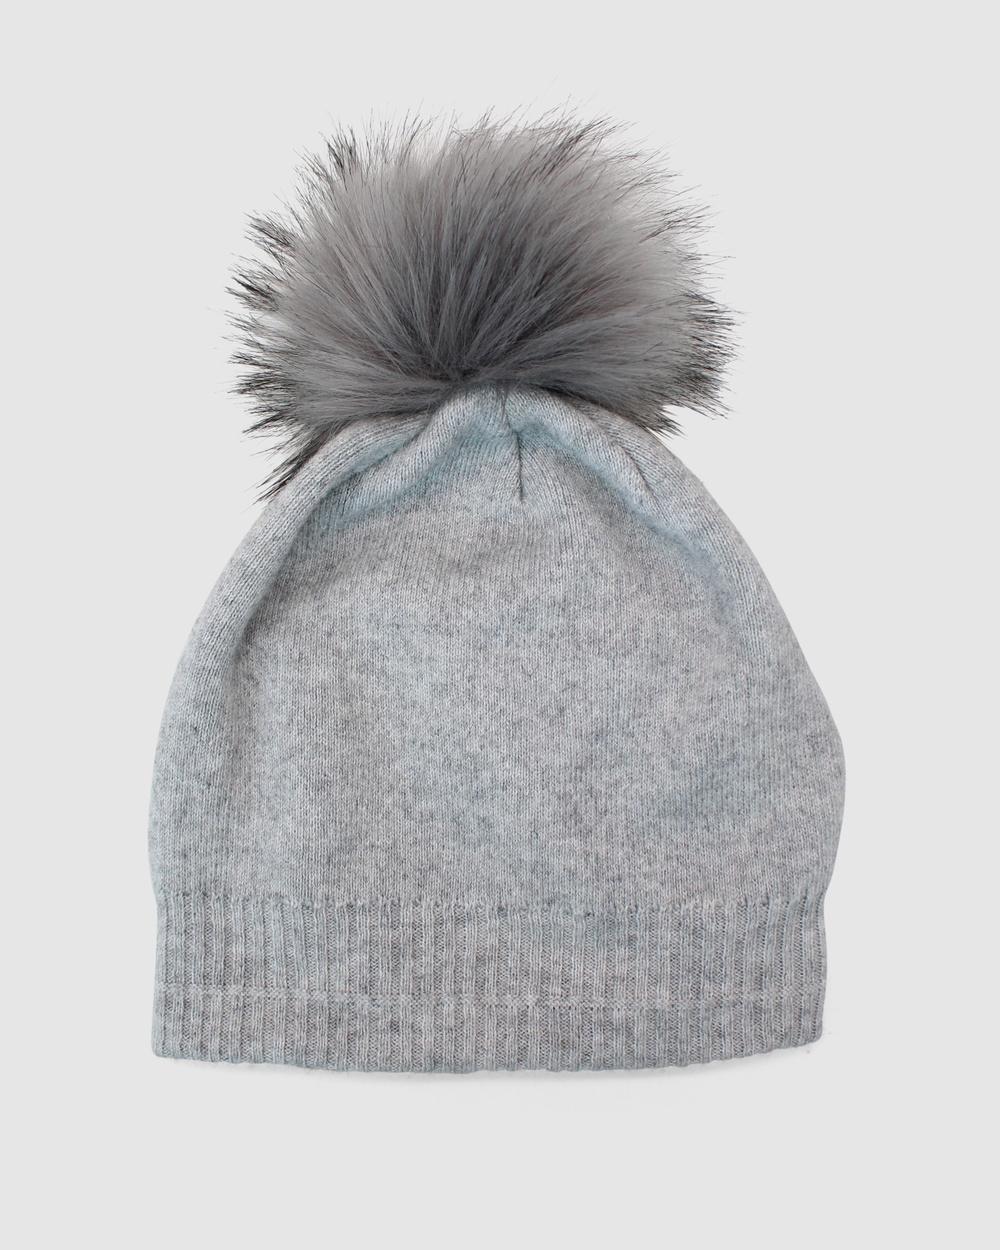 Morgan & Taylor Estella Beanie Headwear Grey